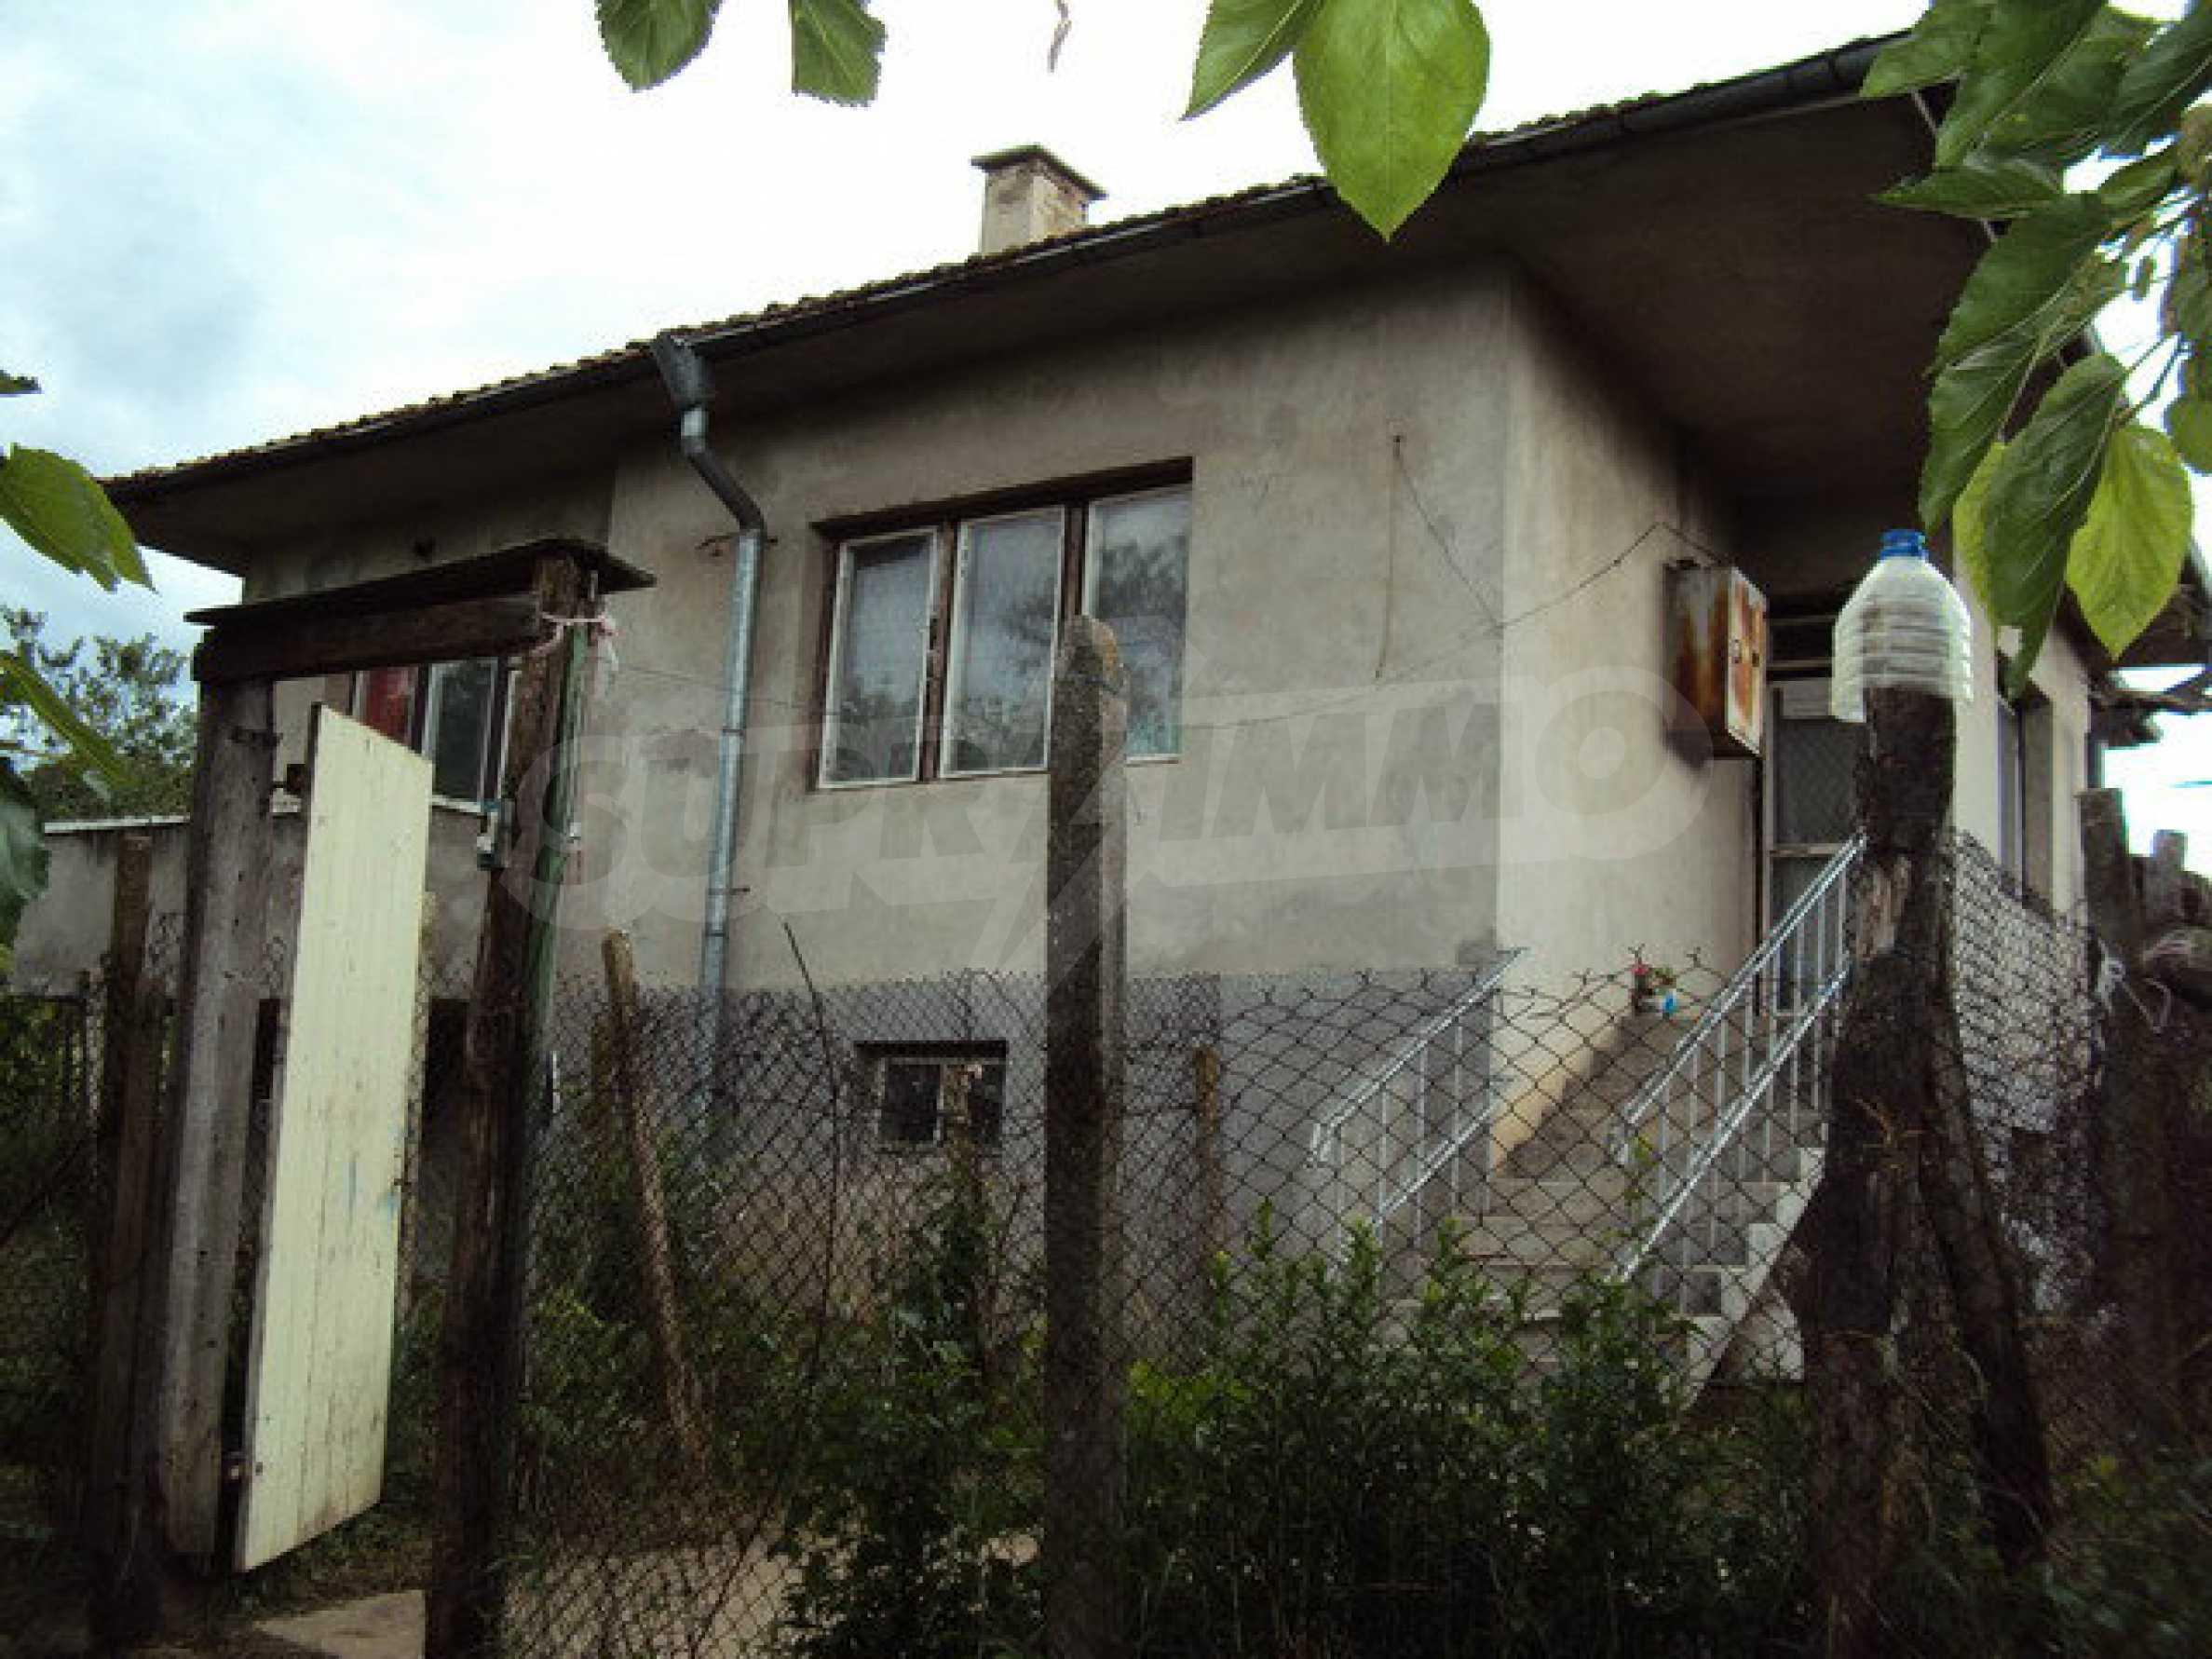 Zweistöckiges Landhaus mit Garten 50 km. von der alten Hauptstadt Veliko Tarnovo 22